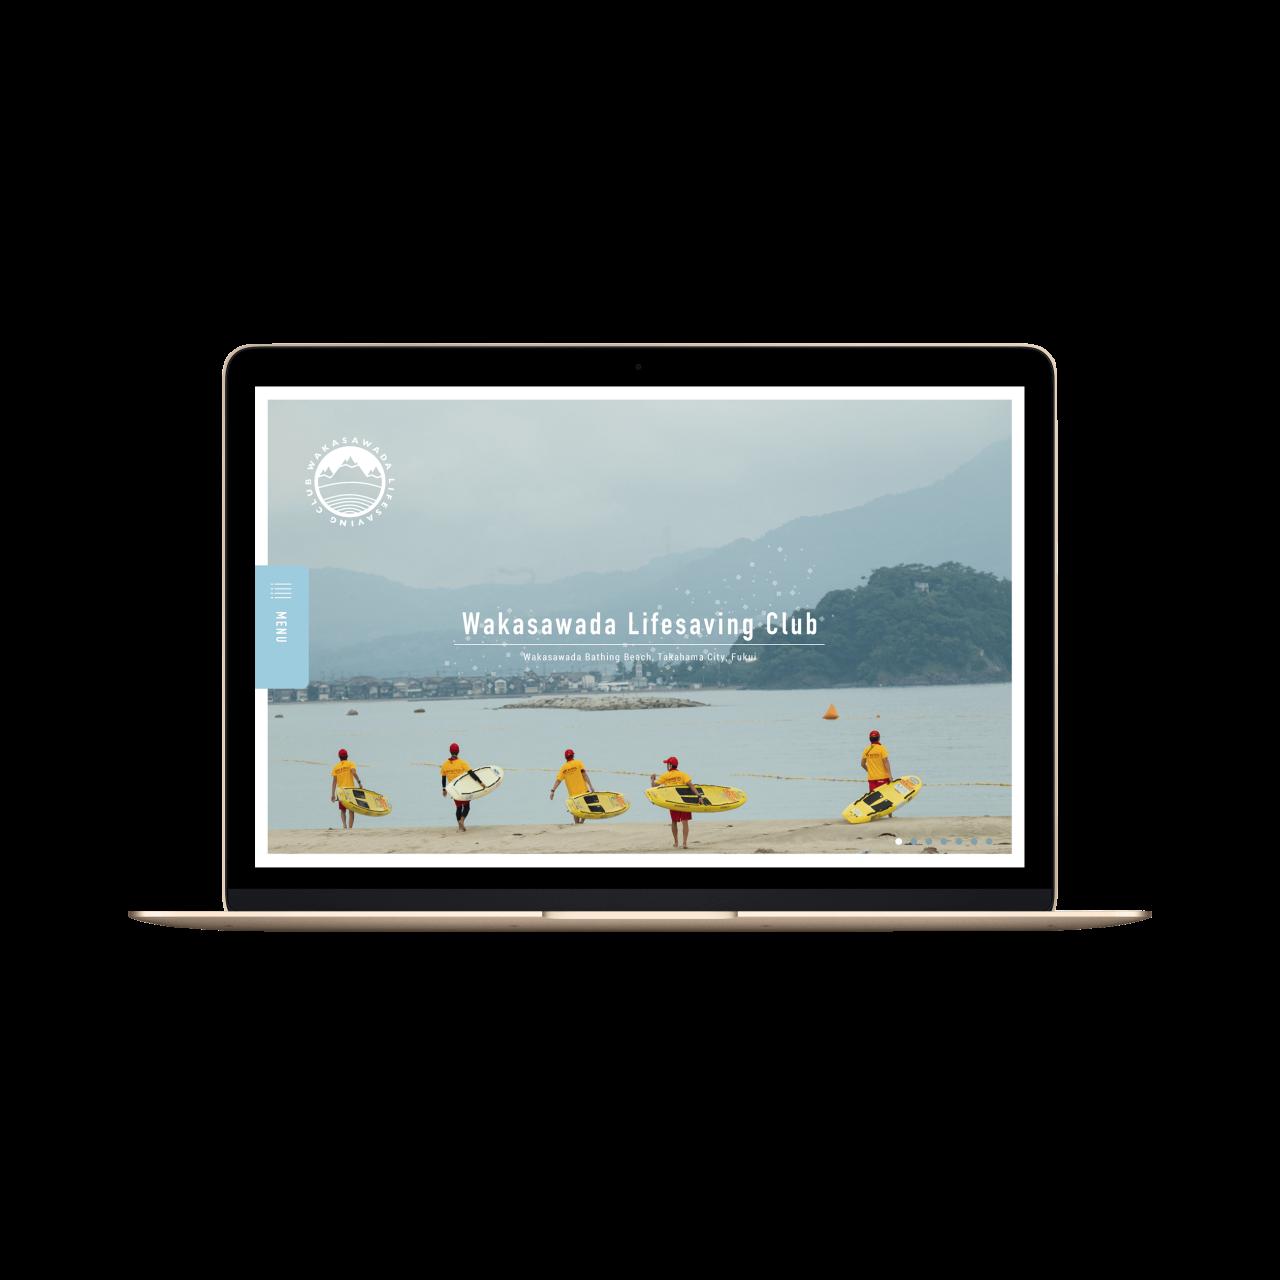 若狭和田ライフセービングクラブ(若狭和田LSC)さんのウェブサイトのリニューアルにあたり、デザインおよびコーディング含むディレクションを担当させていただきました。